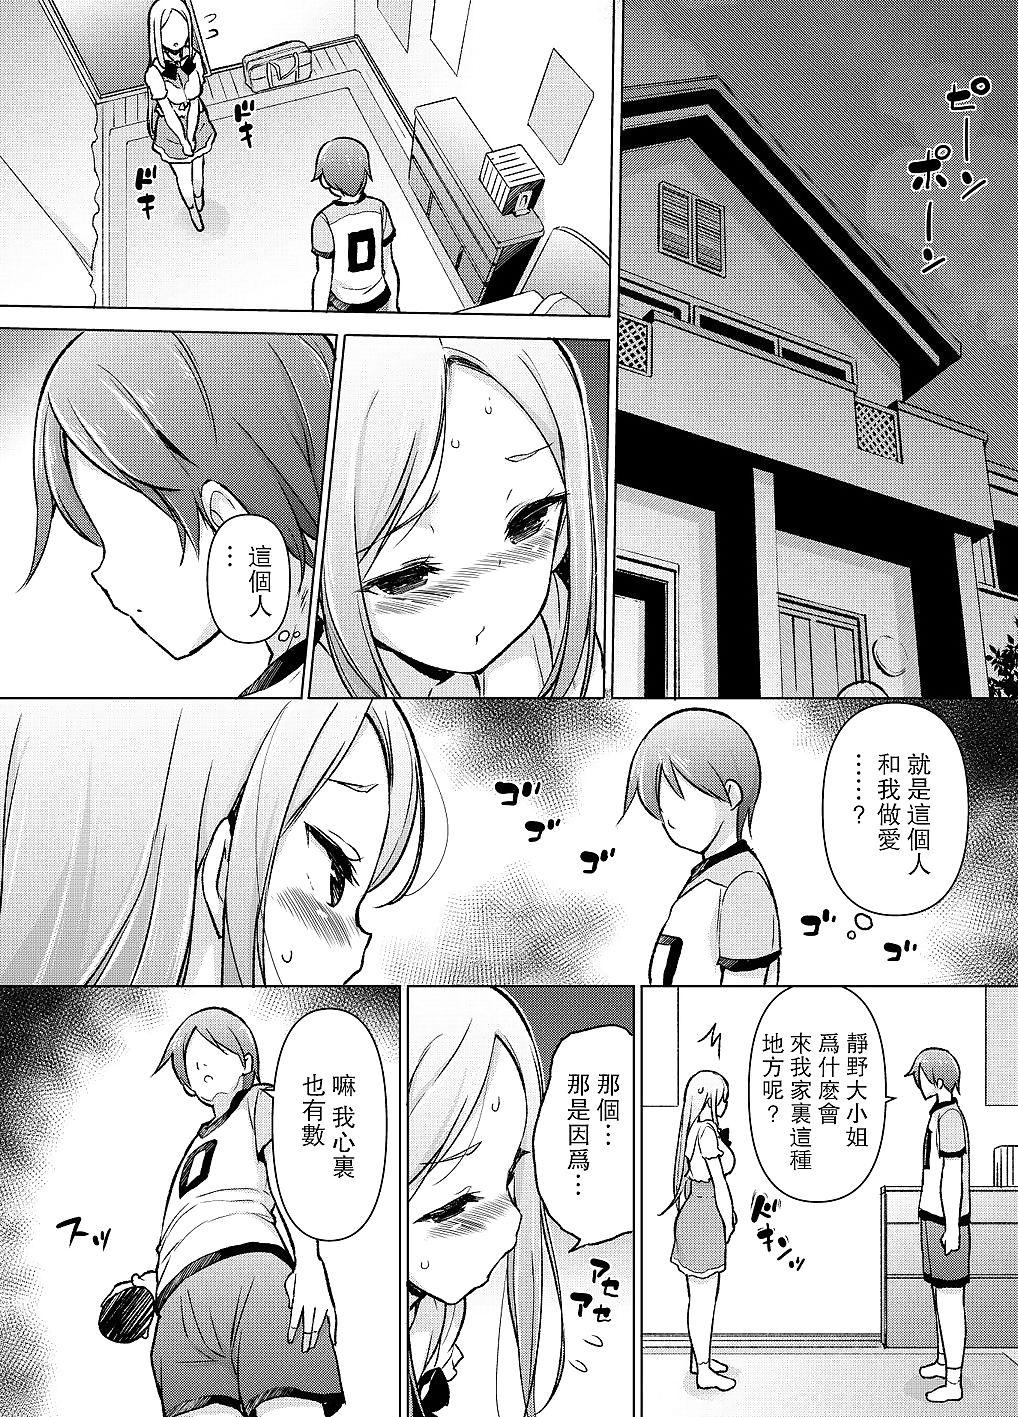 ~Seiki Tensou~ Hanareta Tokoro kara Yarimakuri!? - faithfulness 2